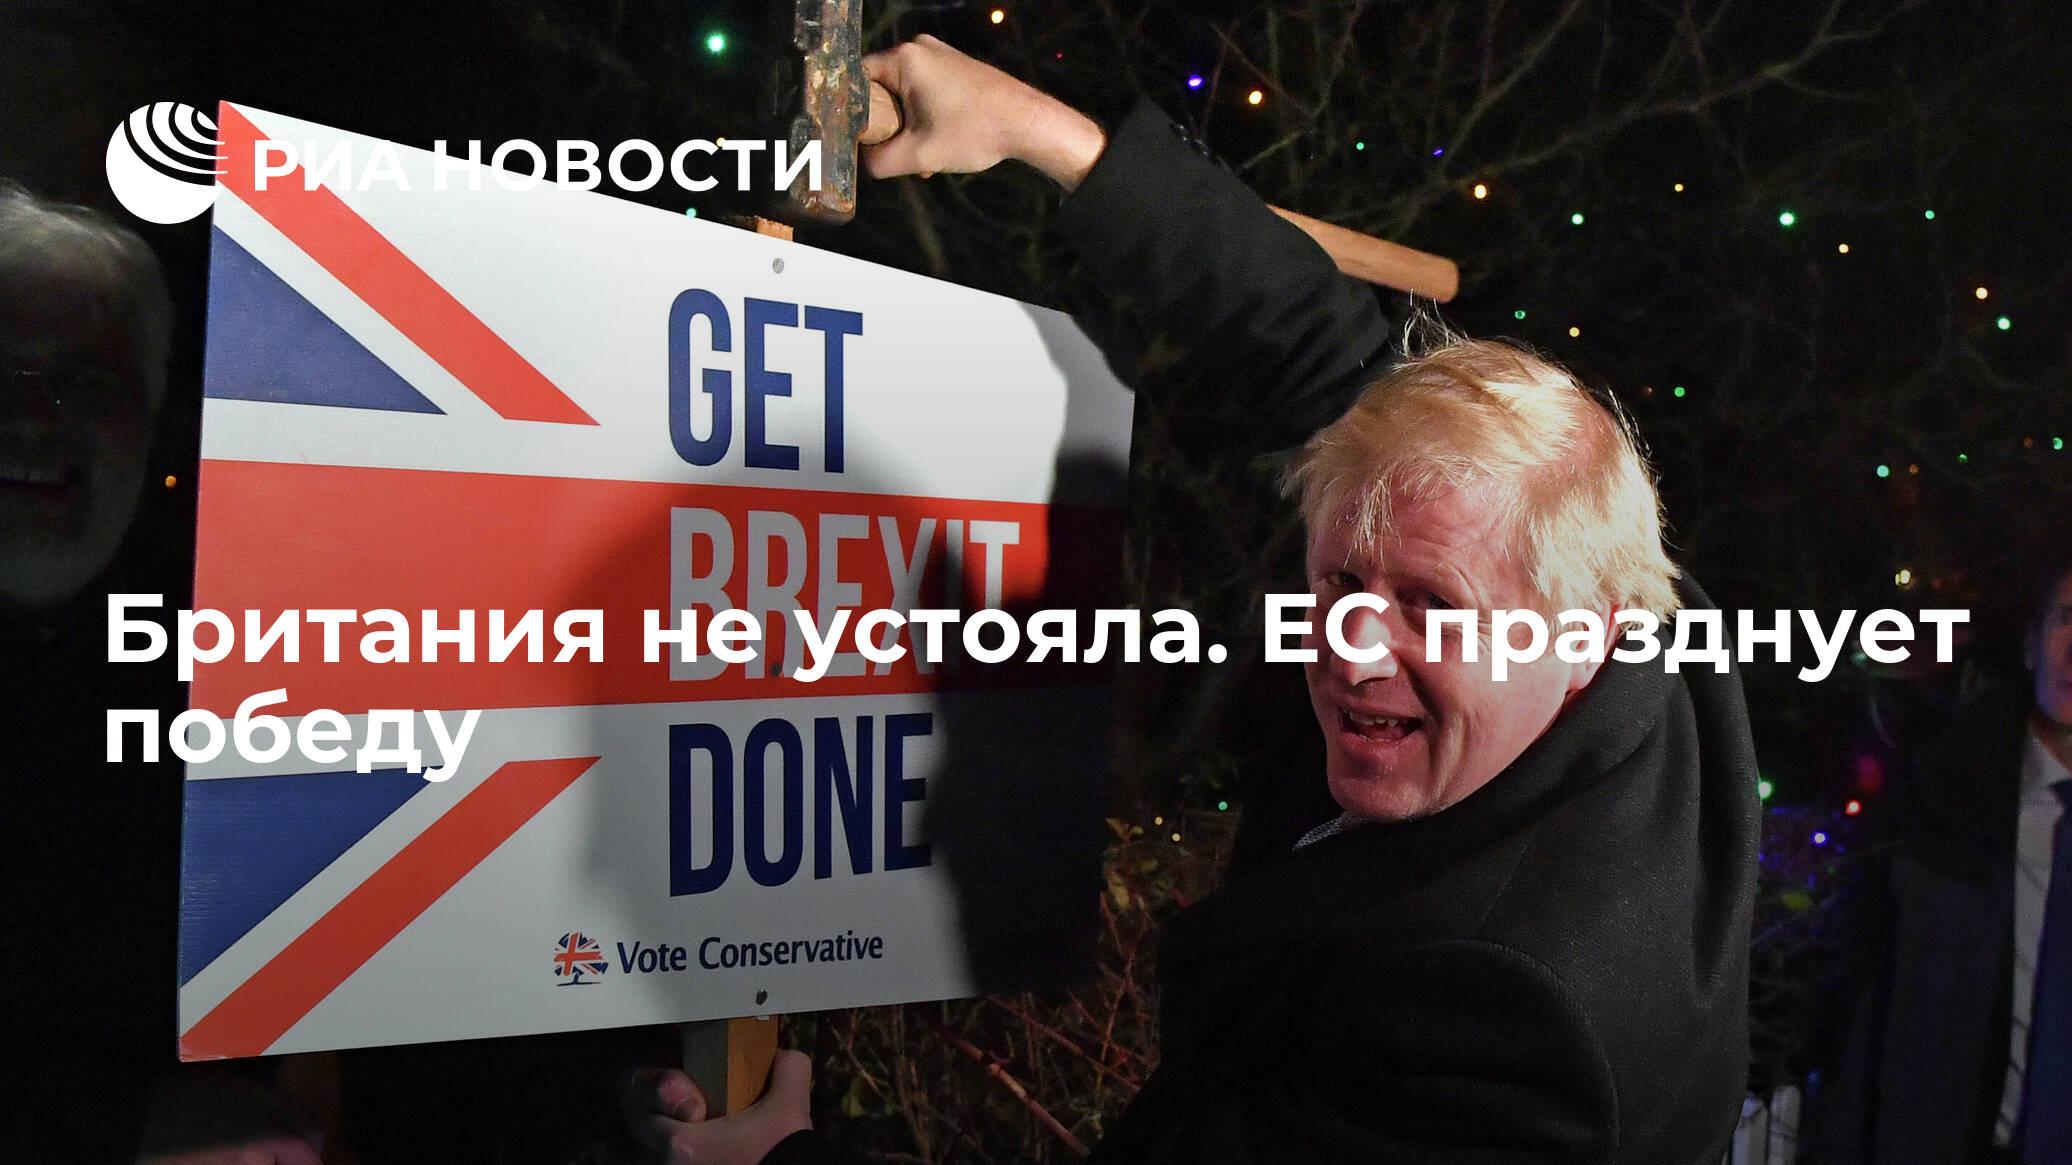 Британия не устояла.  ЕС празднует победу